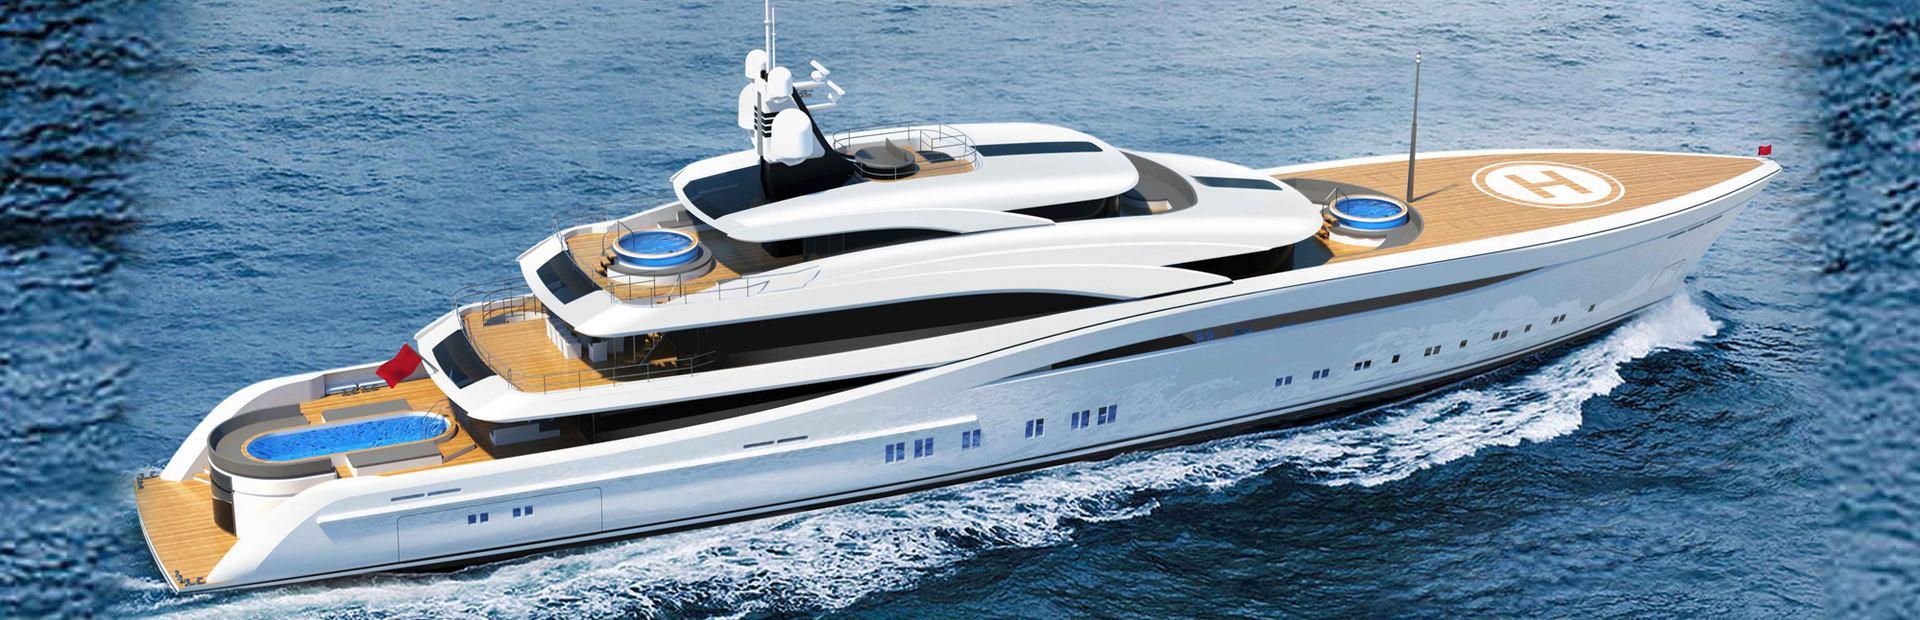 Turquoise Yachts Profile Photo